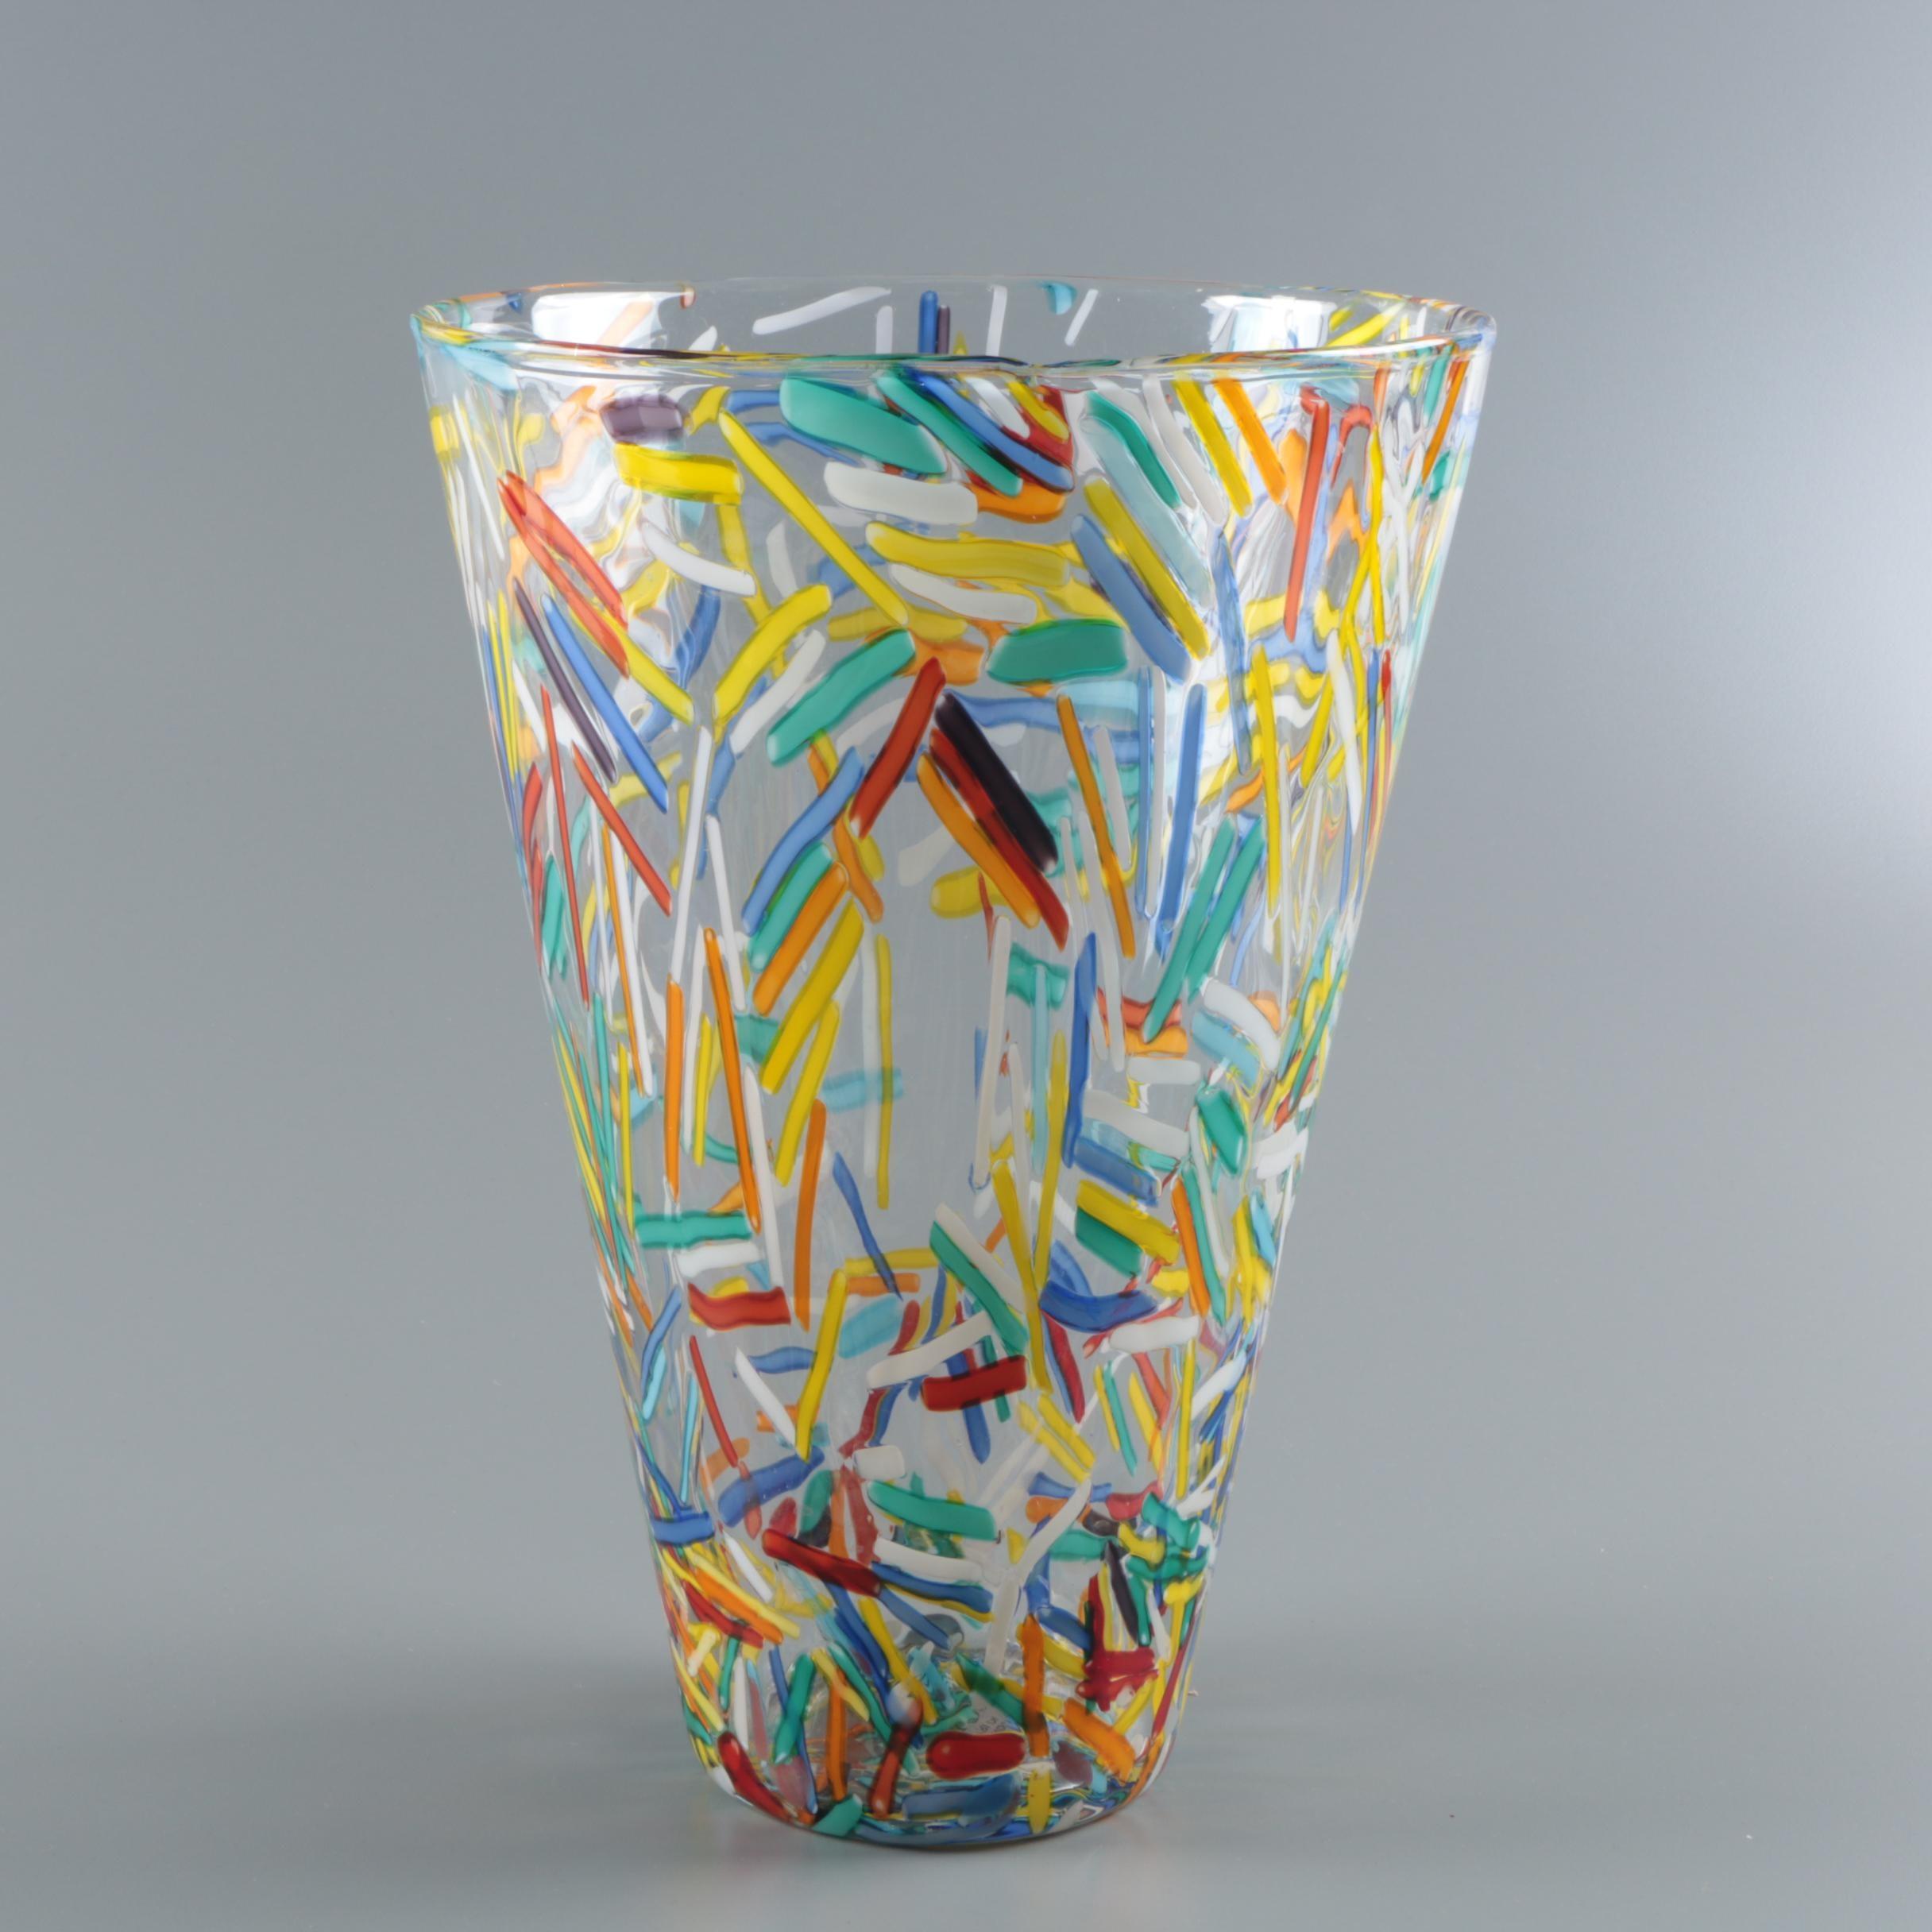 Italian Art Glass Flower Vase in the Murano Style